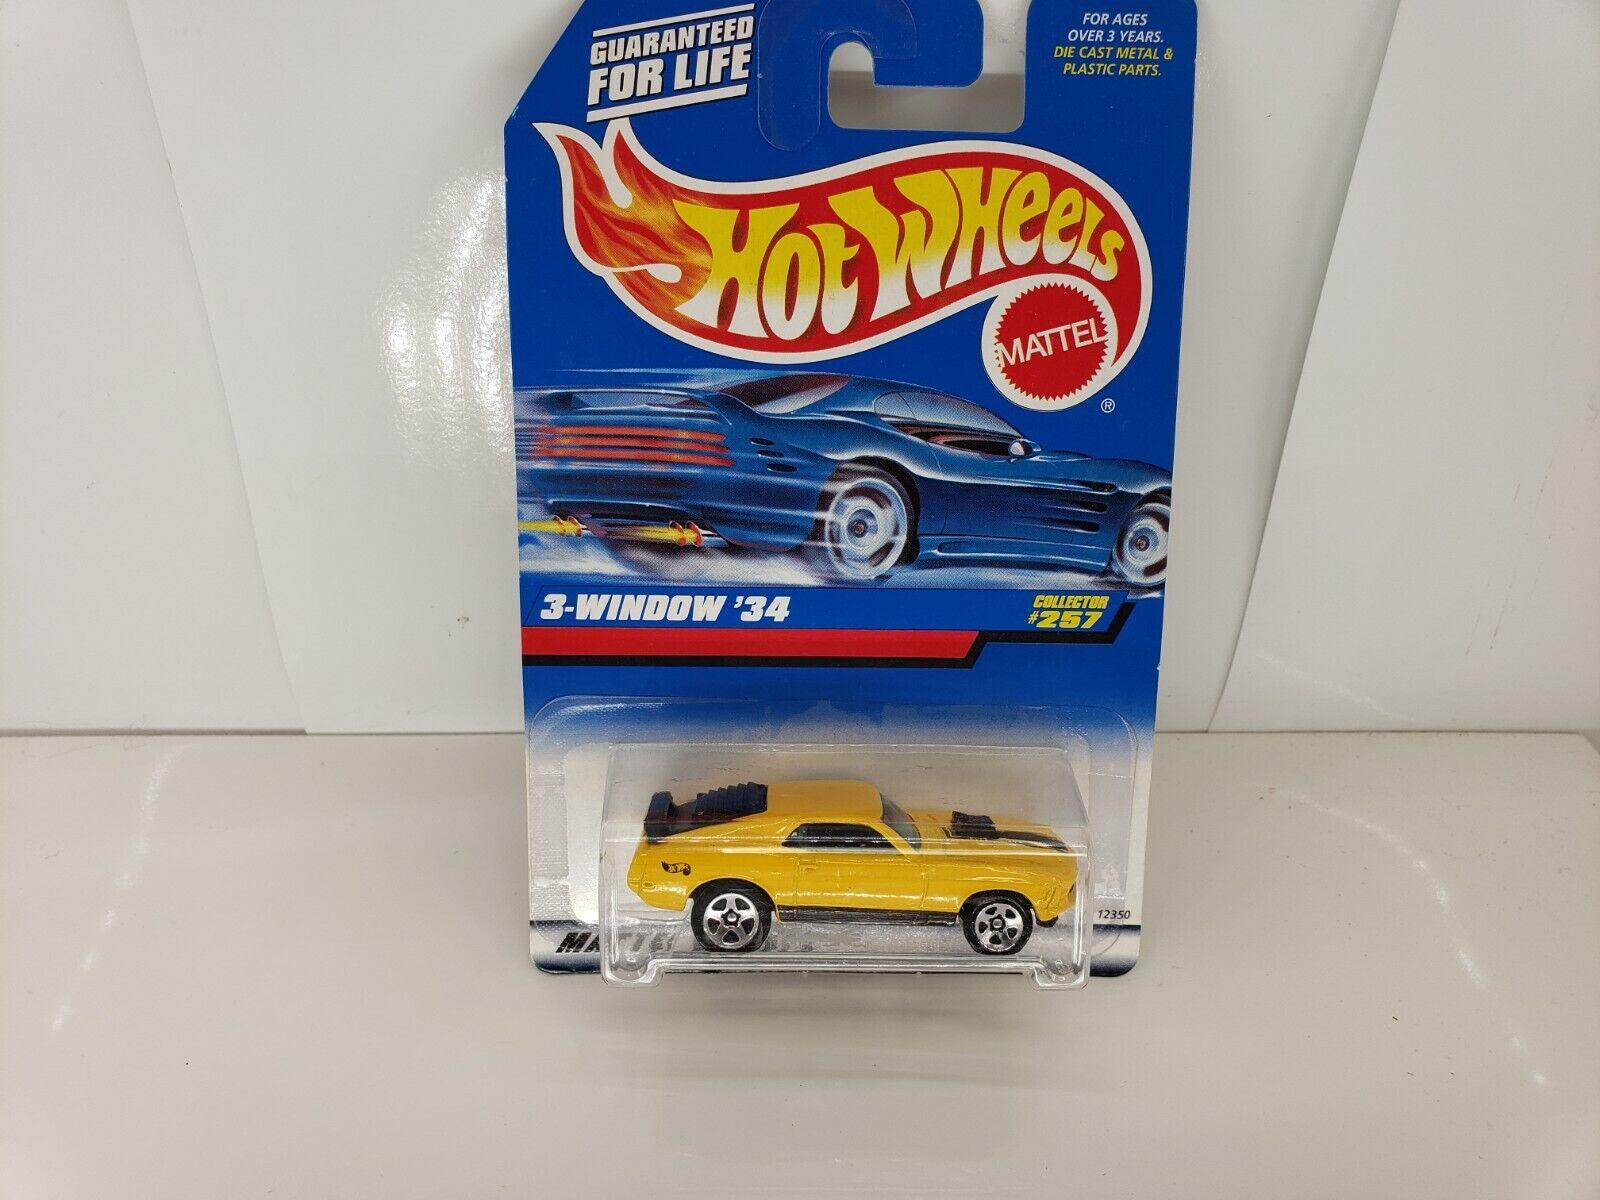 HOTWHEELS 1998  257 3-WINDOW 34 ERROR CAR MUSTANG, KIDSTOYZ®